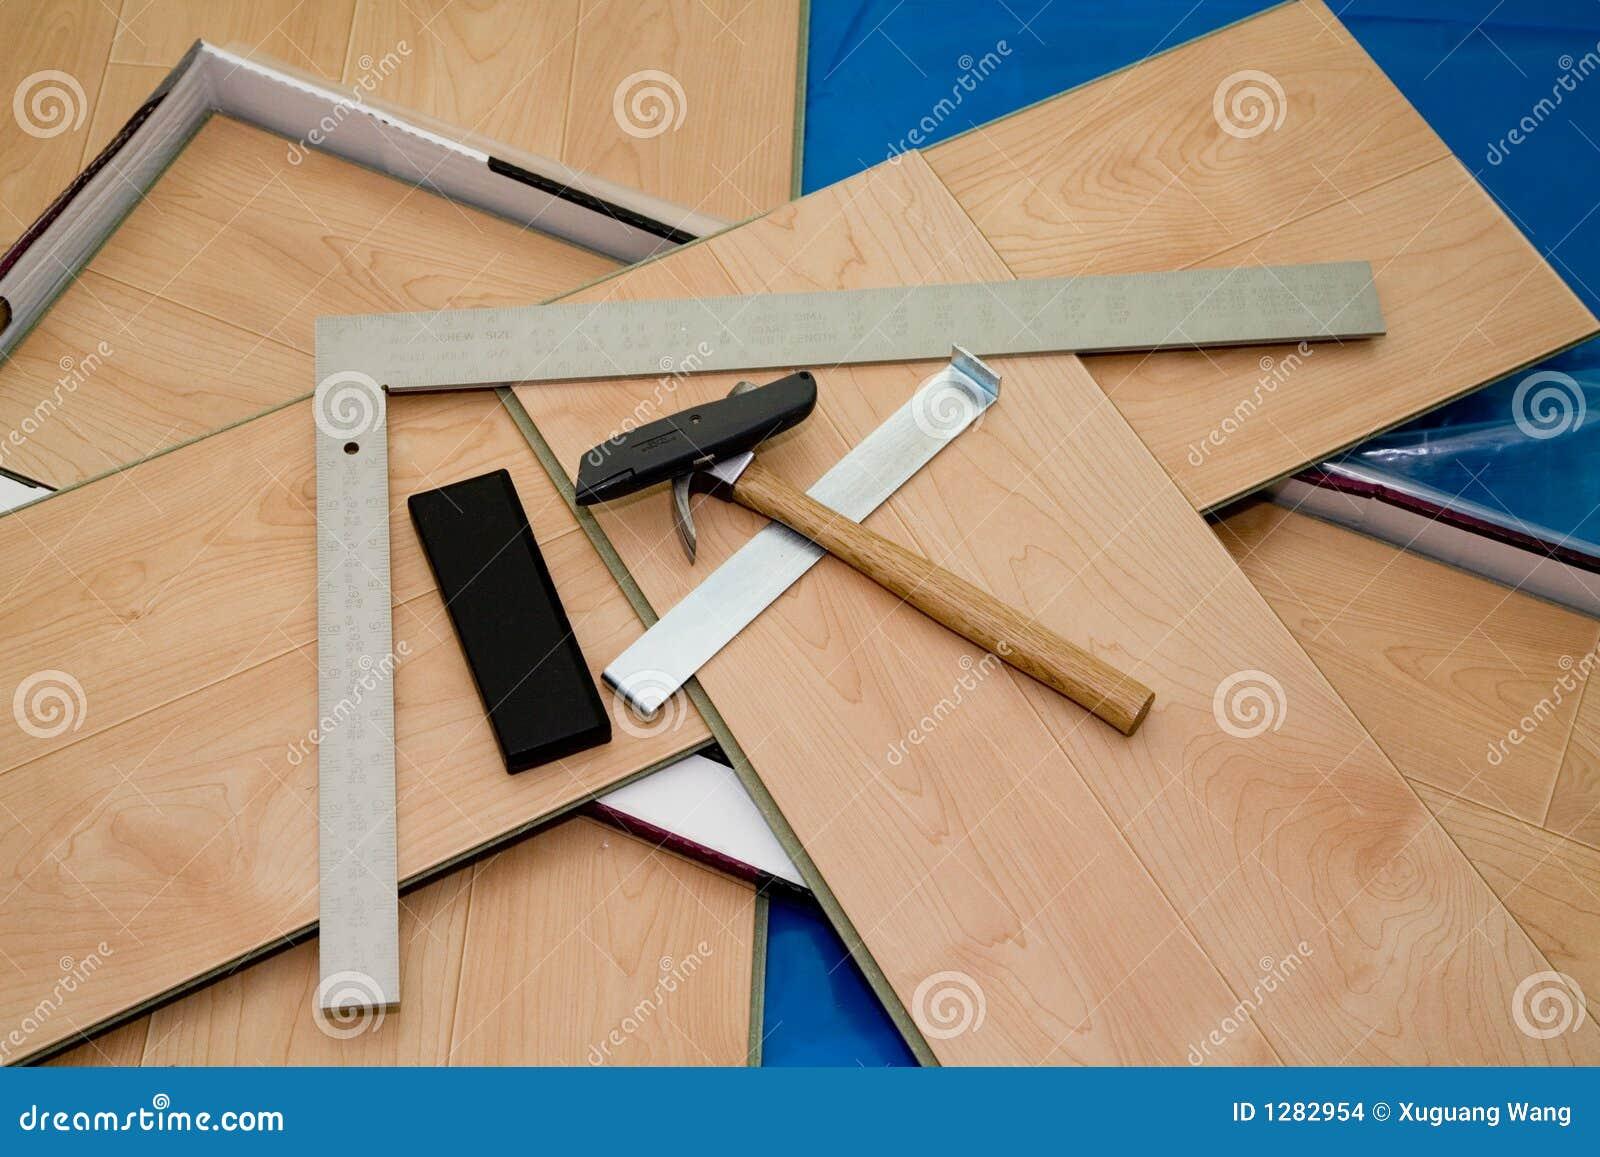 Projeto de DIY: o assoalho e as ferramentas estratificados usaram-se